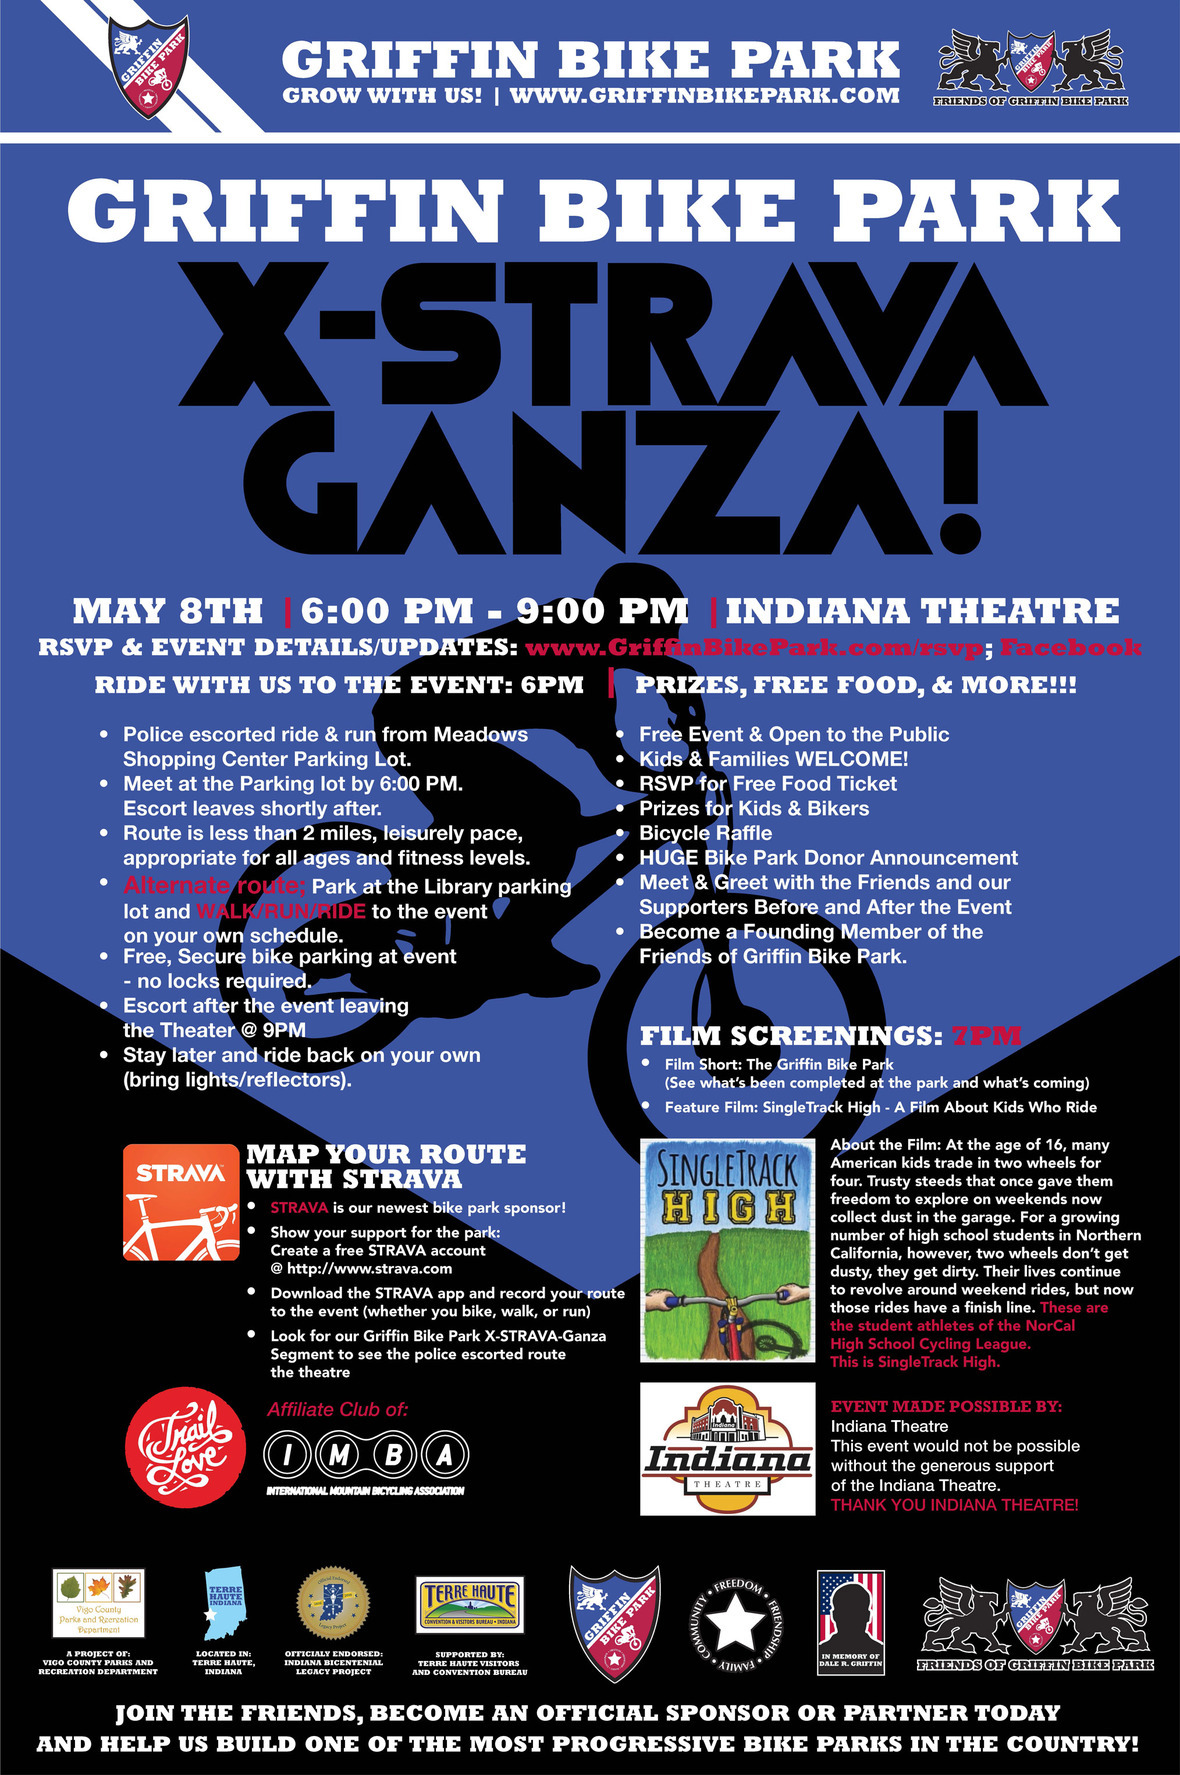 GRIFFIN BIKE PARK X-Strava-Ganza Poster event